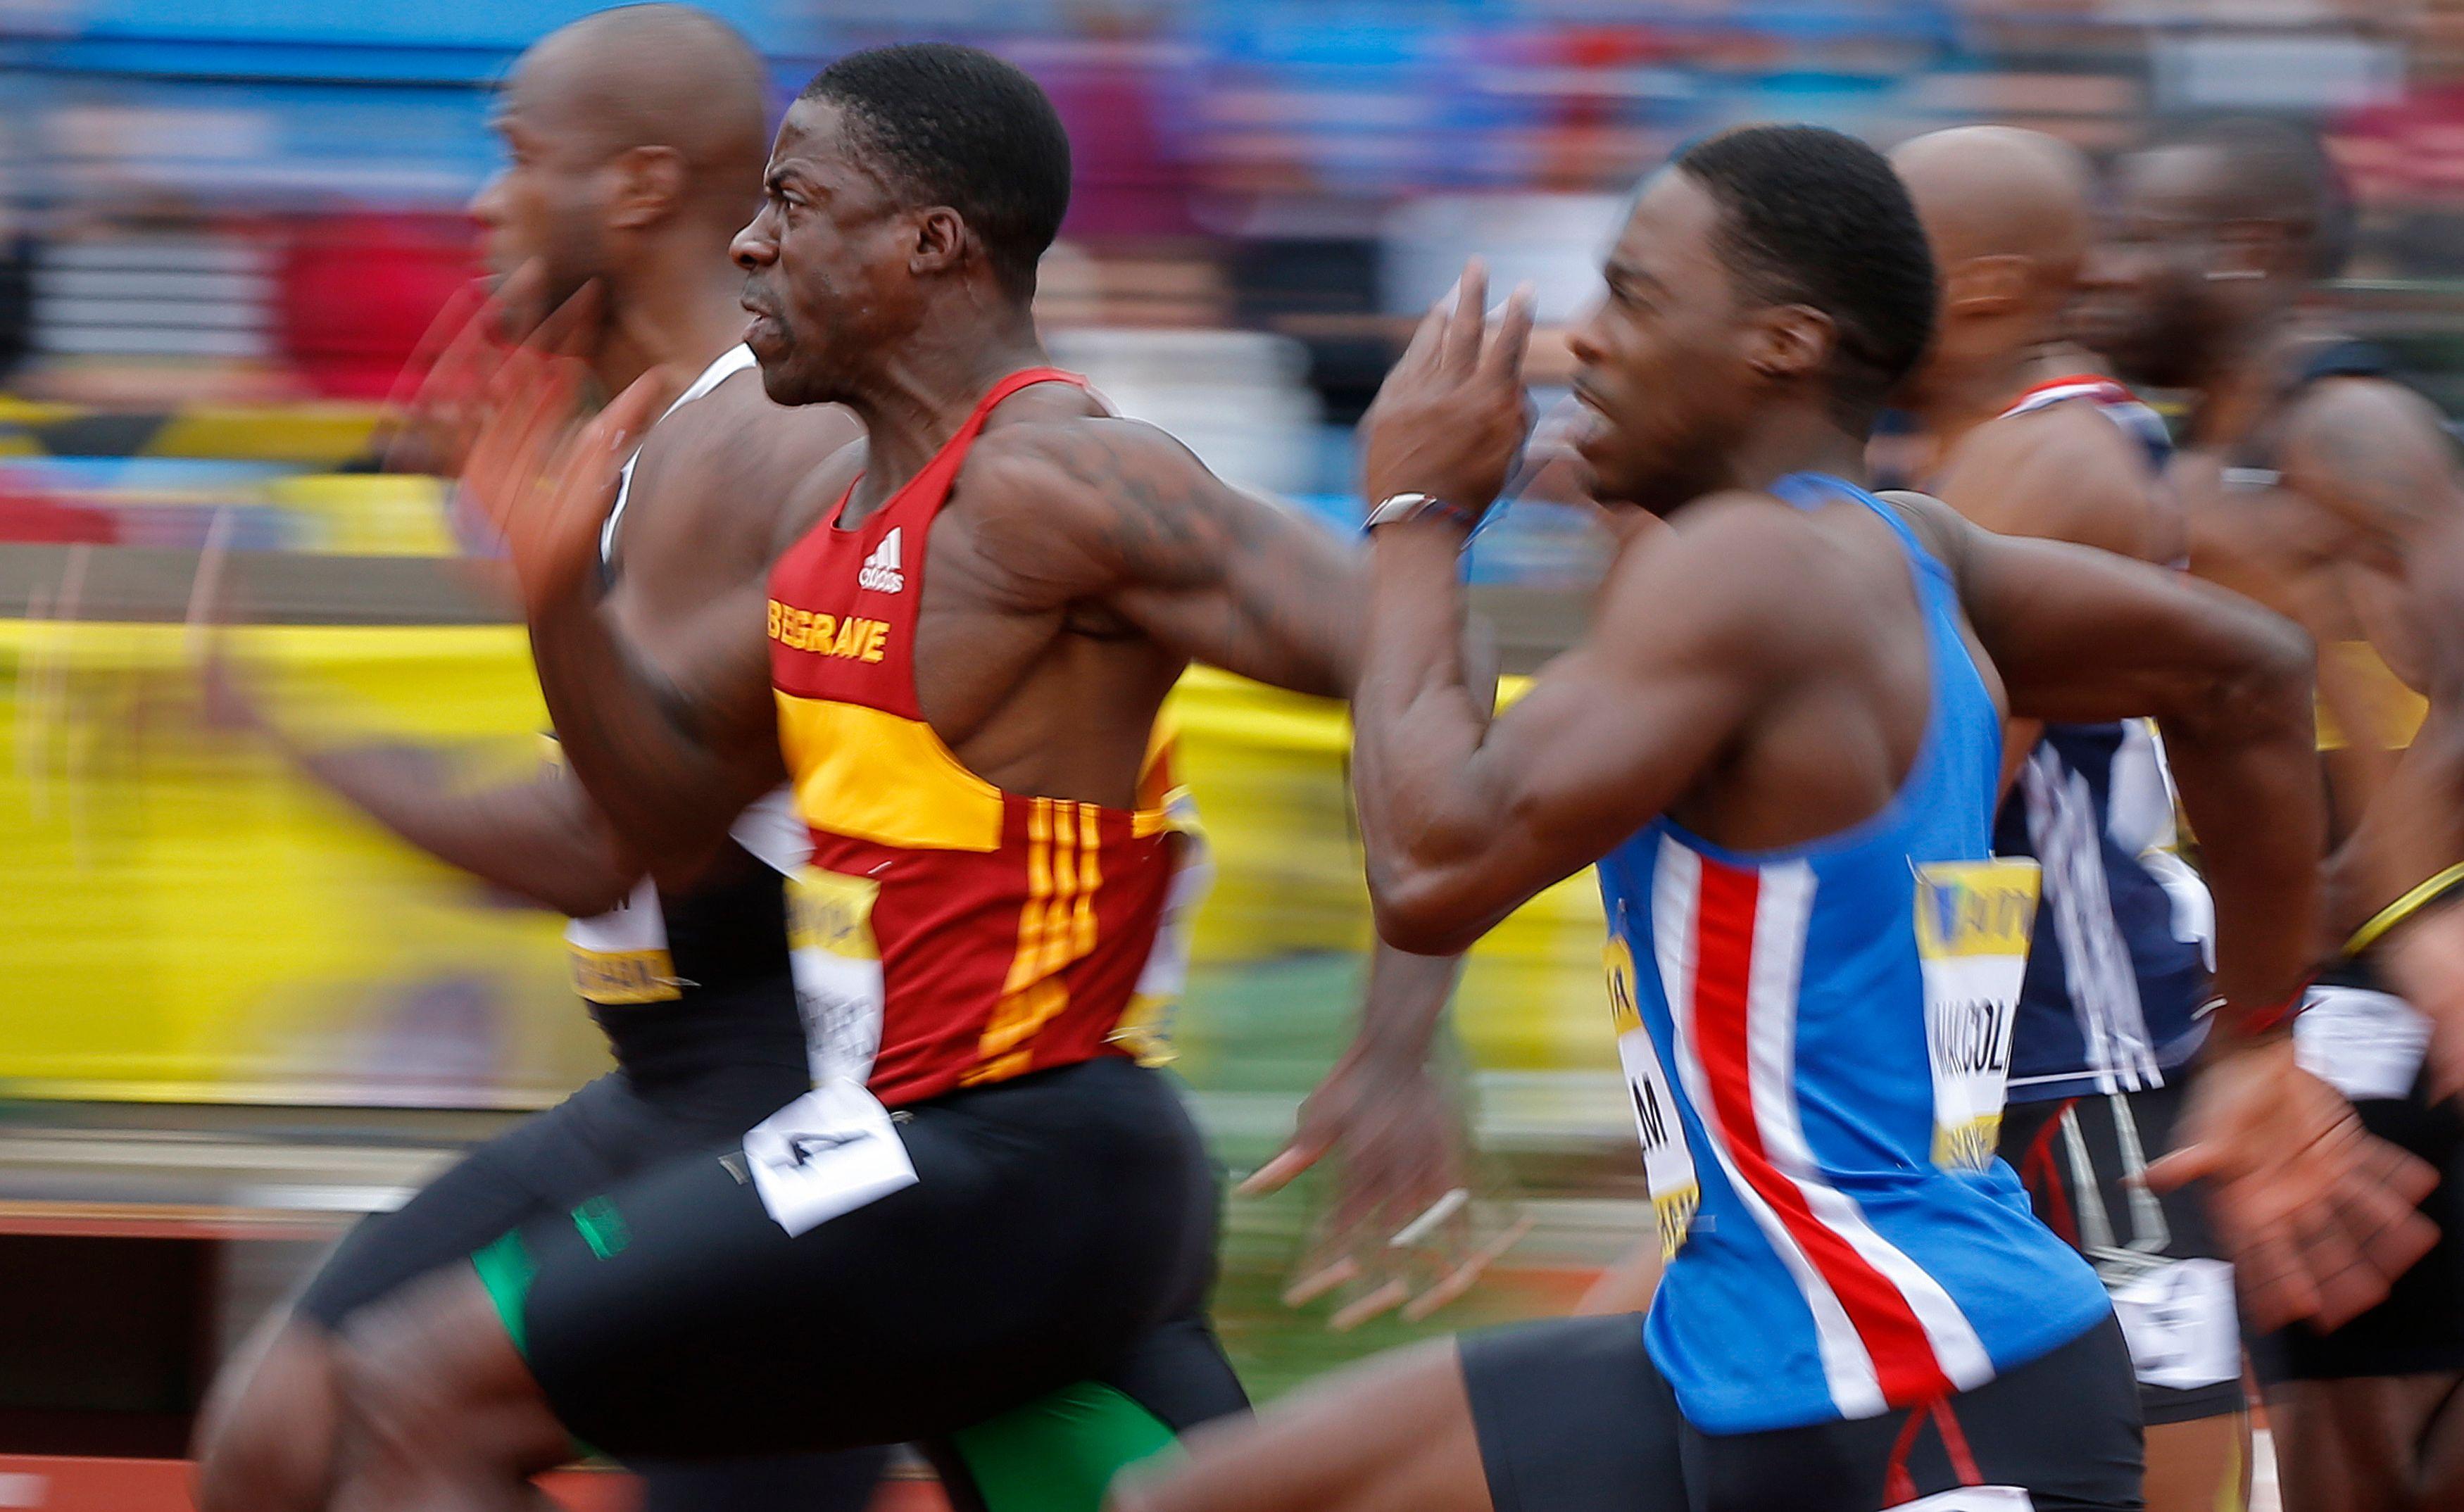 Le dopage en athlétisme est très difficile à détecter.